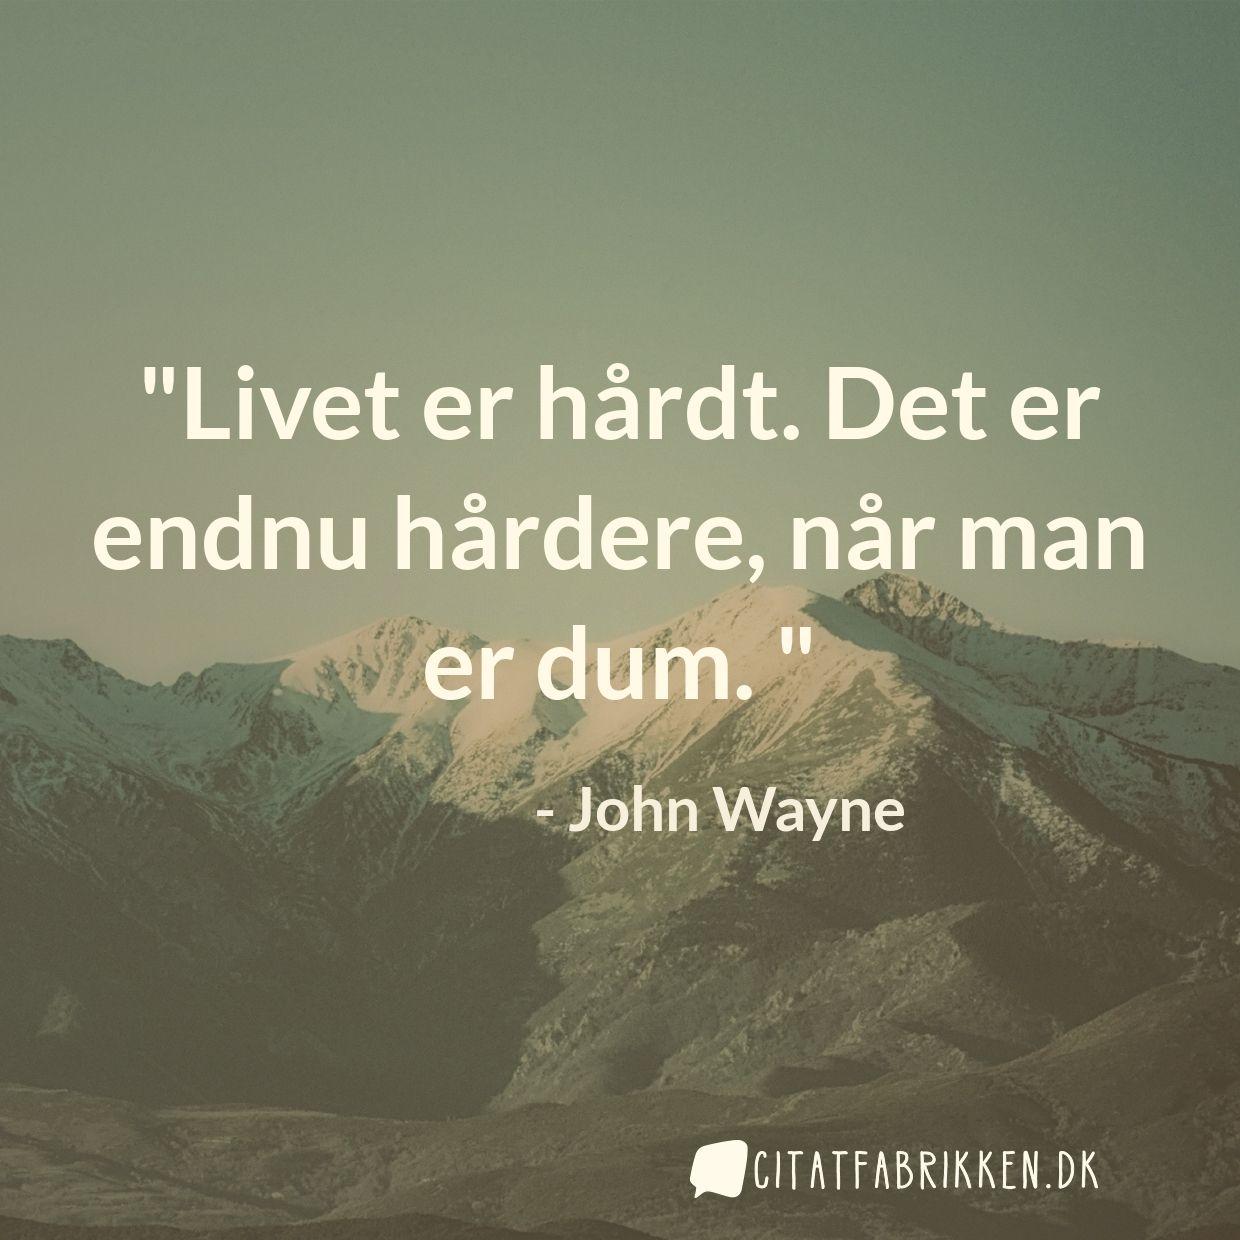 Livet er hårdt. Det er endnu hårdere, når man er dum.